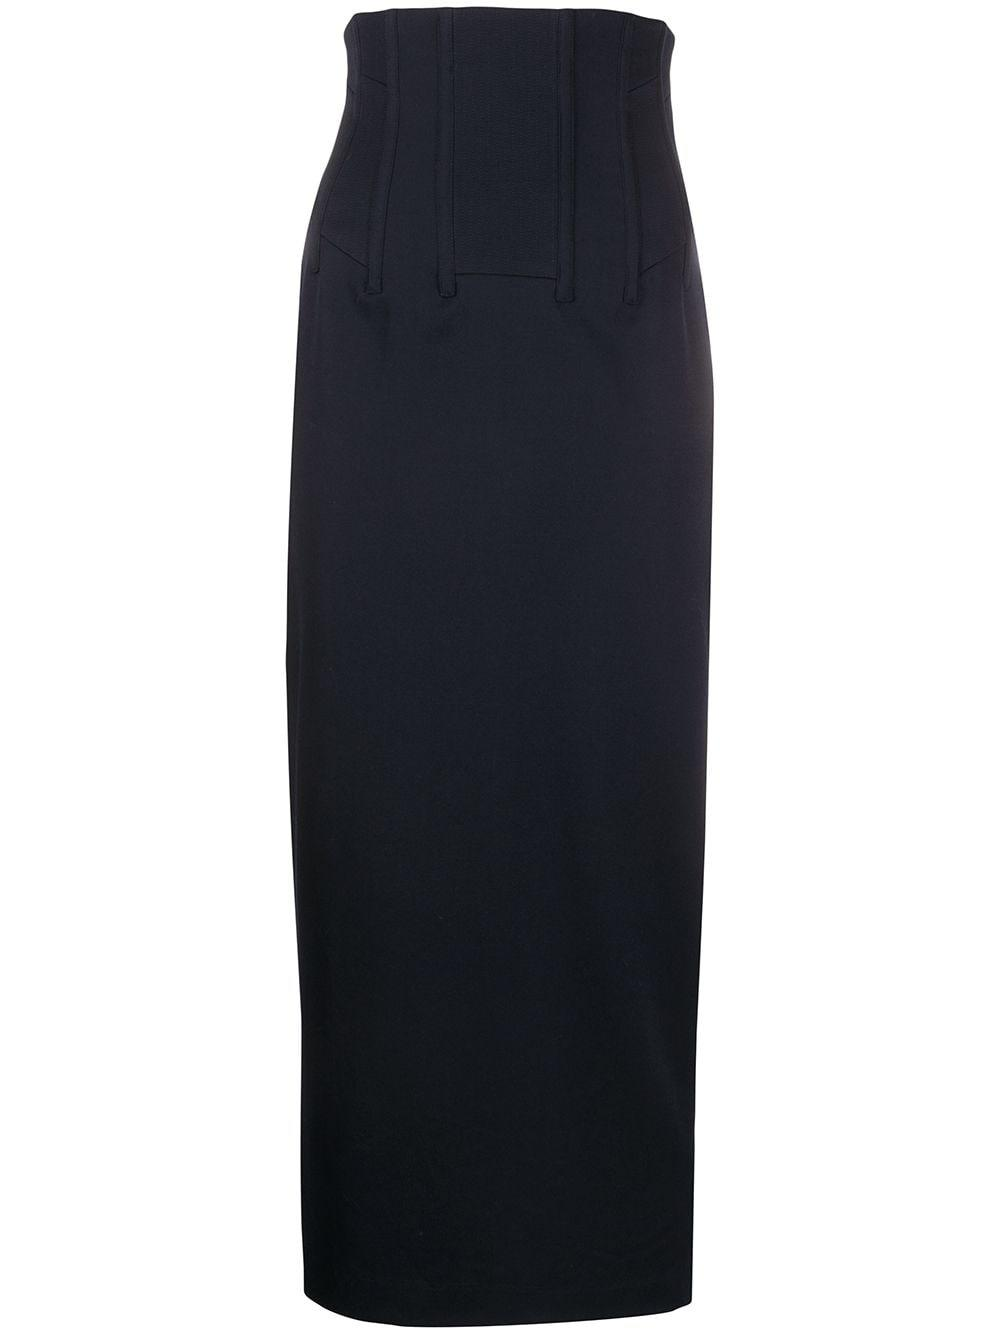 Chalayan corset pencil skirt